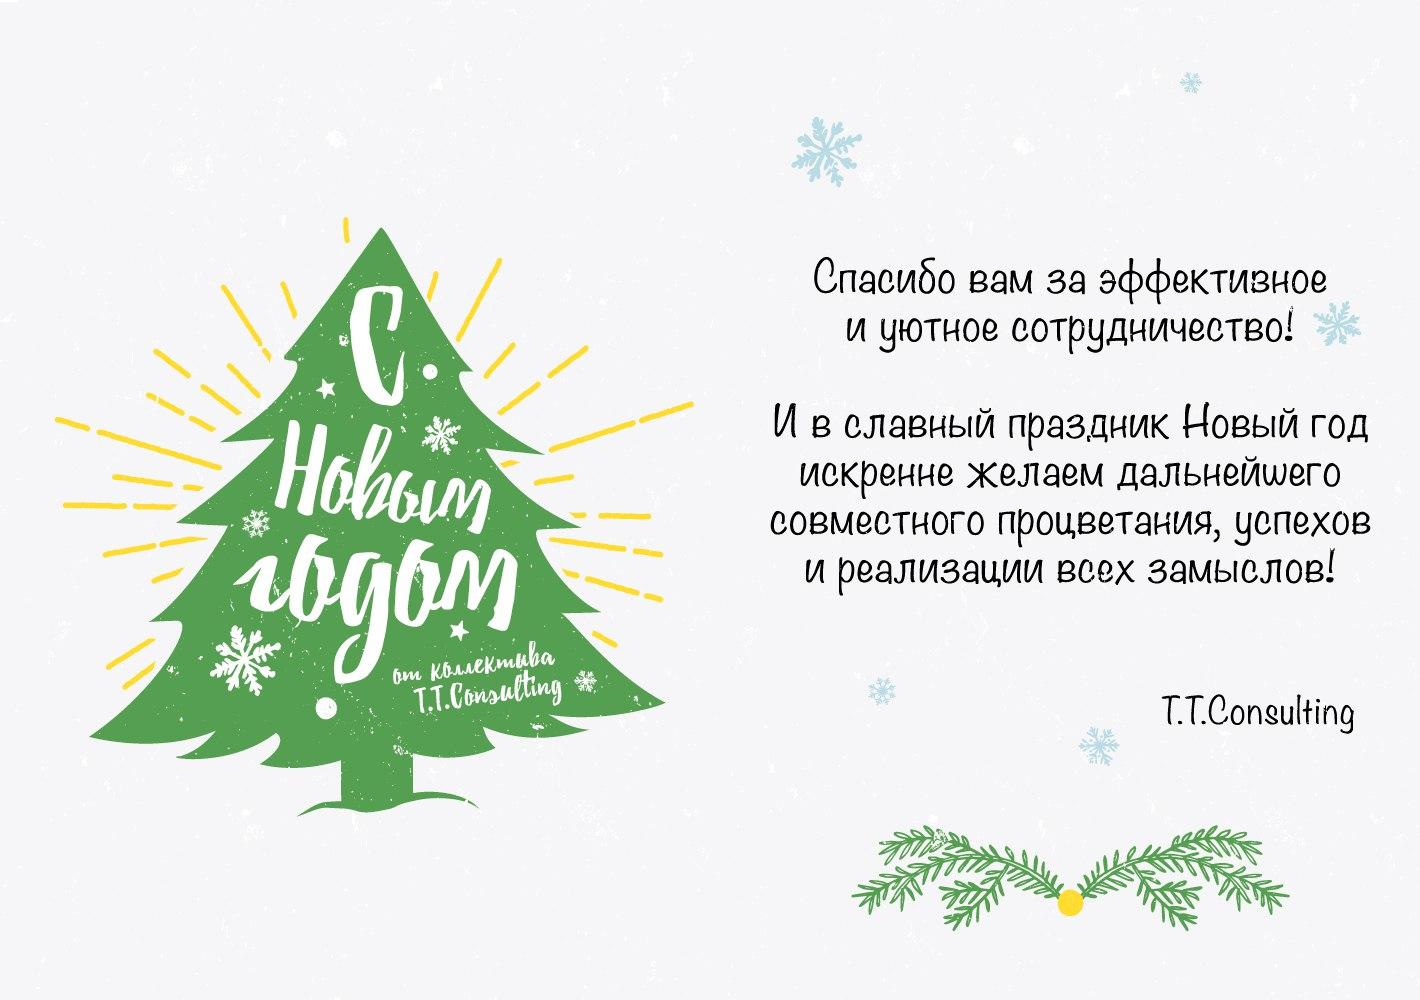 С наступающим Новым годом 2017!